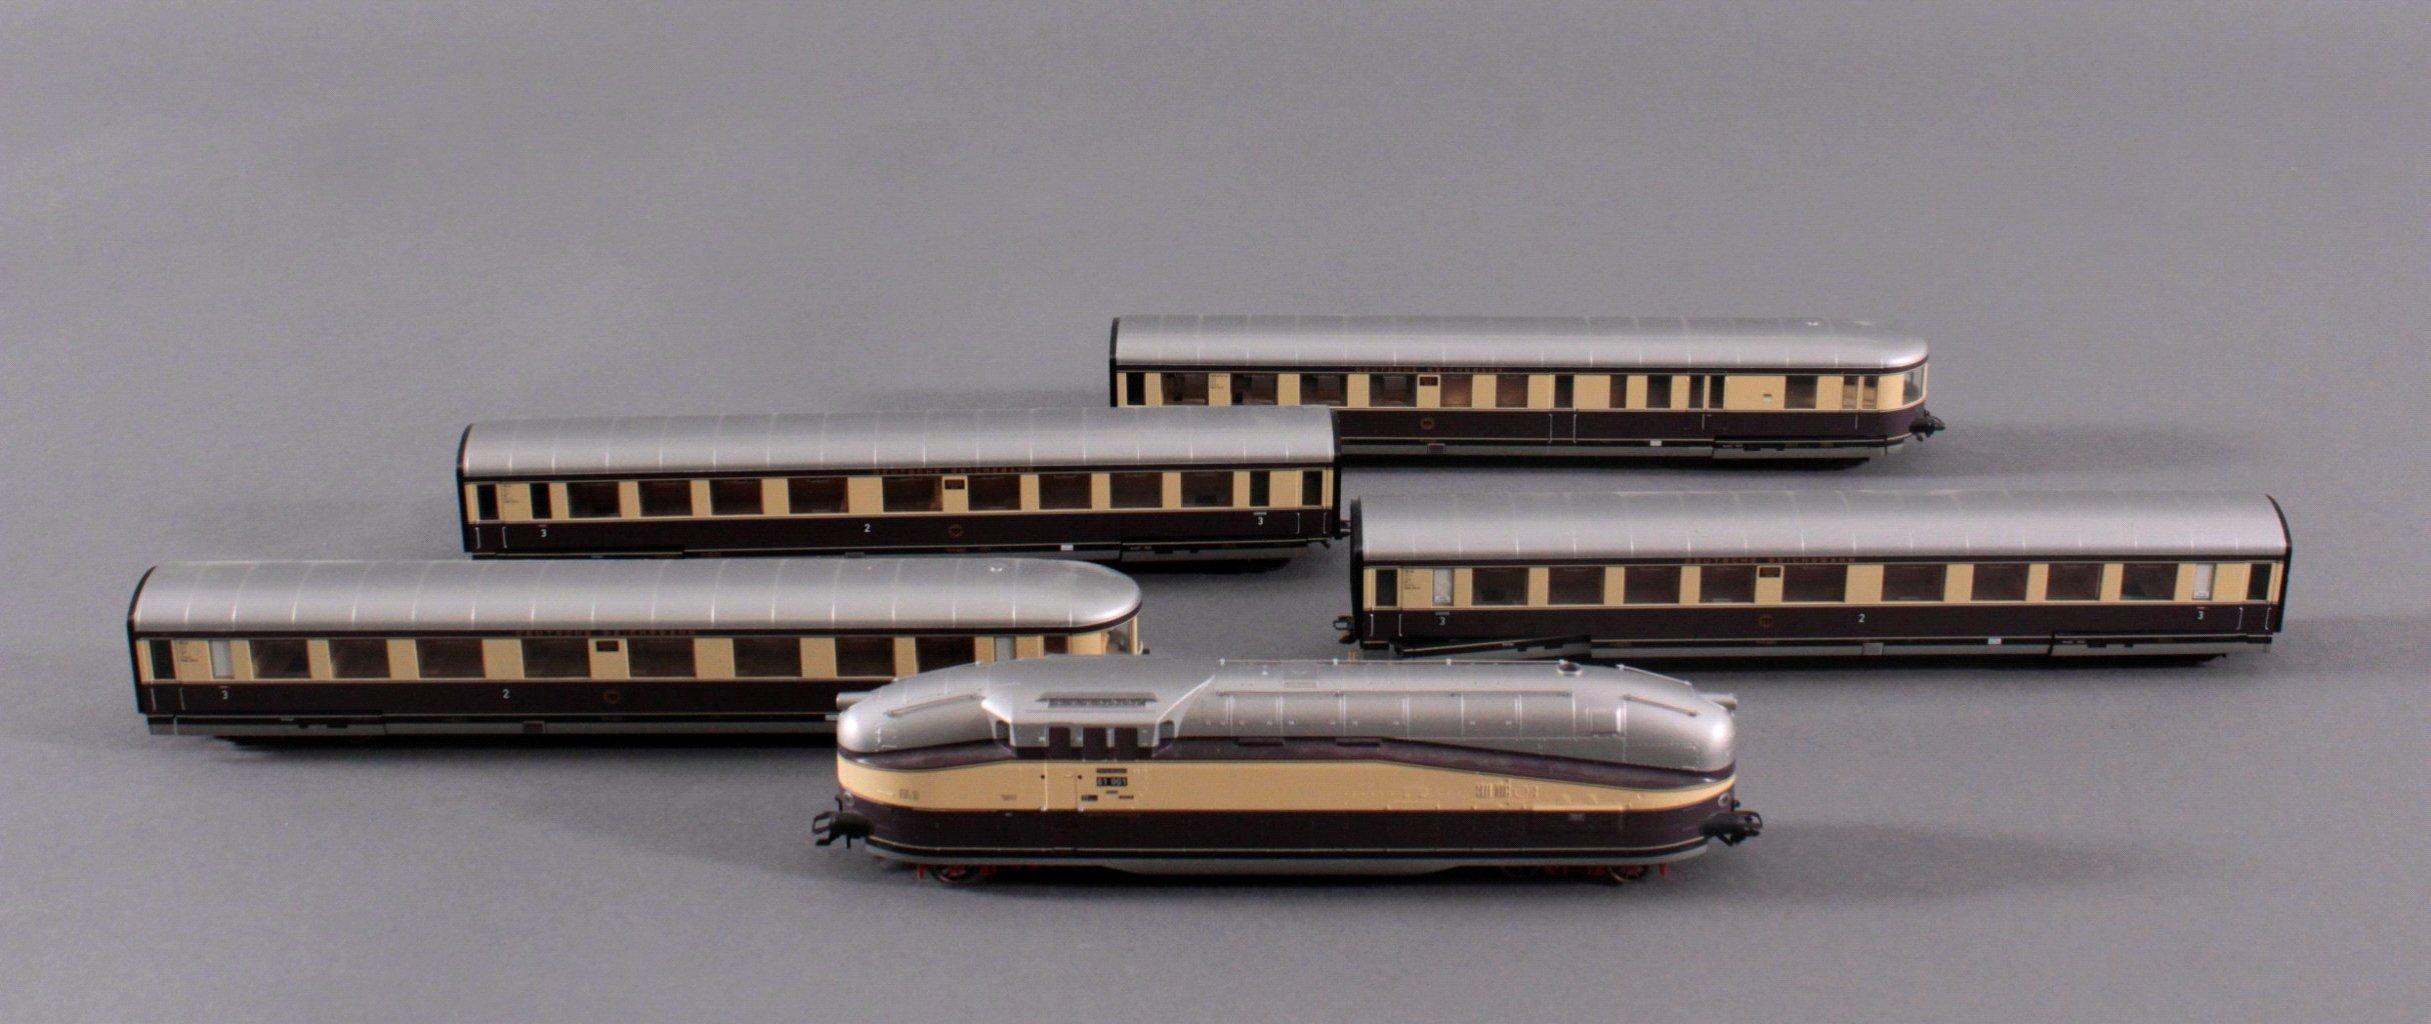 Dampflok 61 001 Deutsche Rechsbahn Spur H0